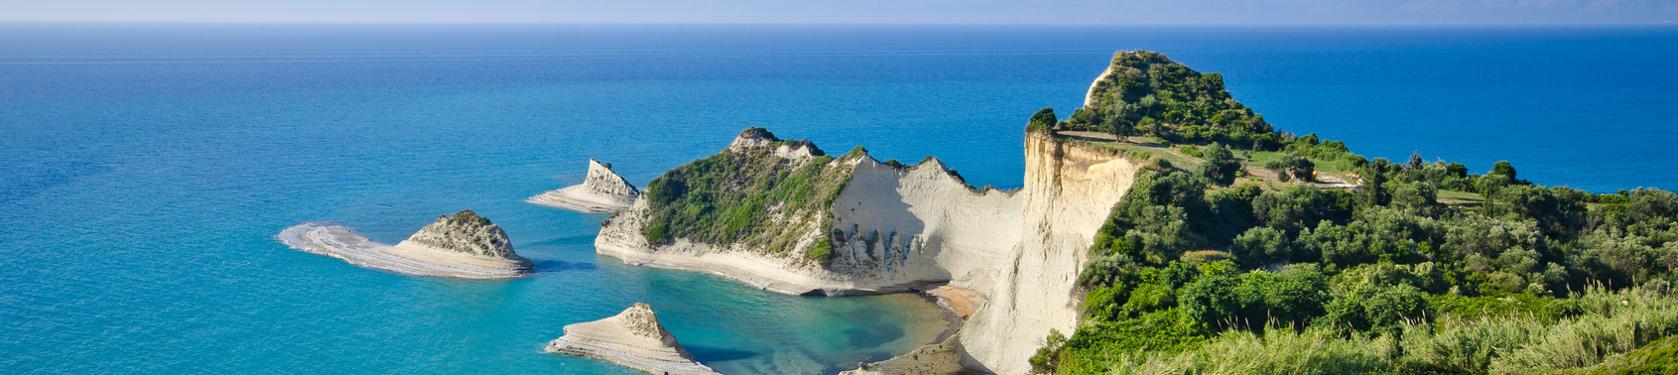 Bild von Korfu